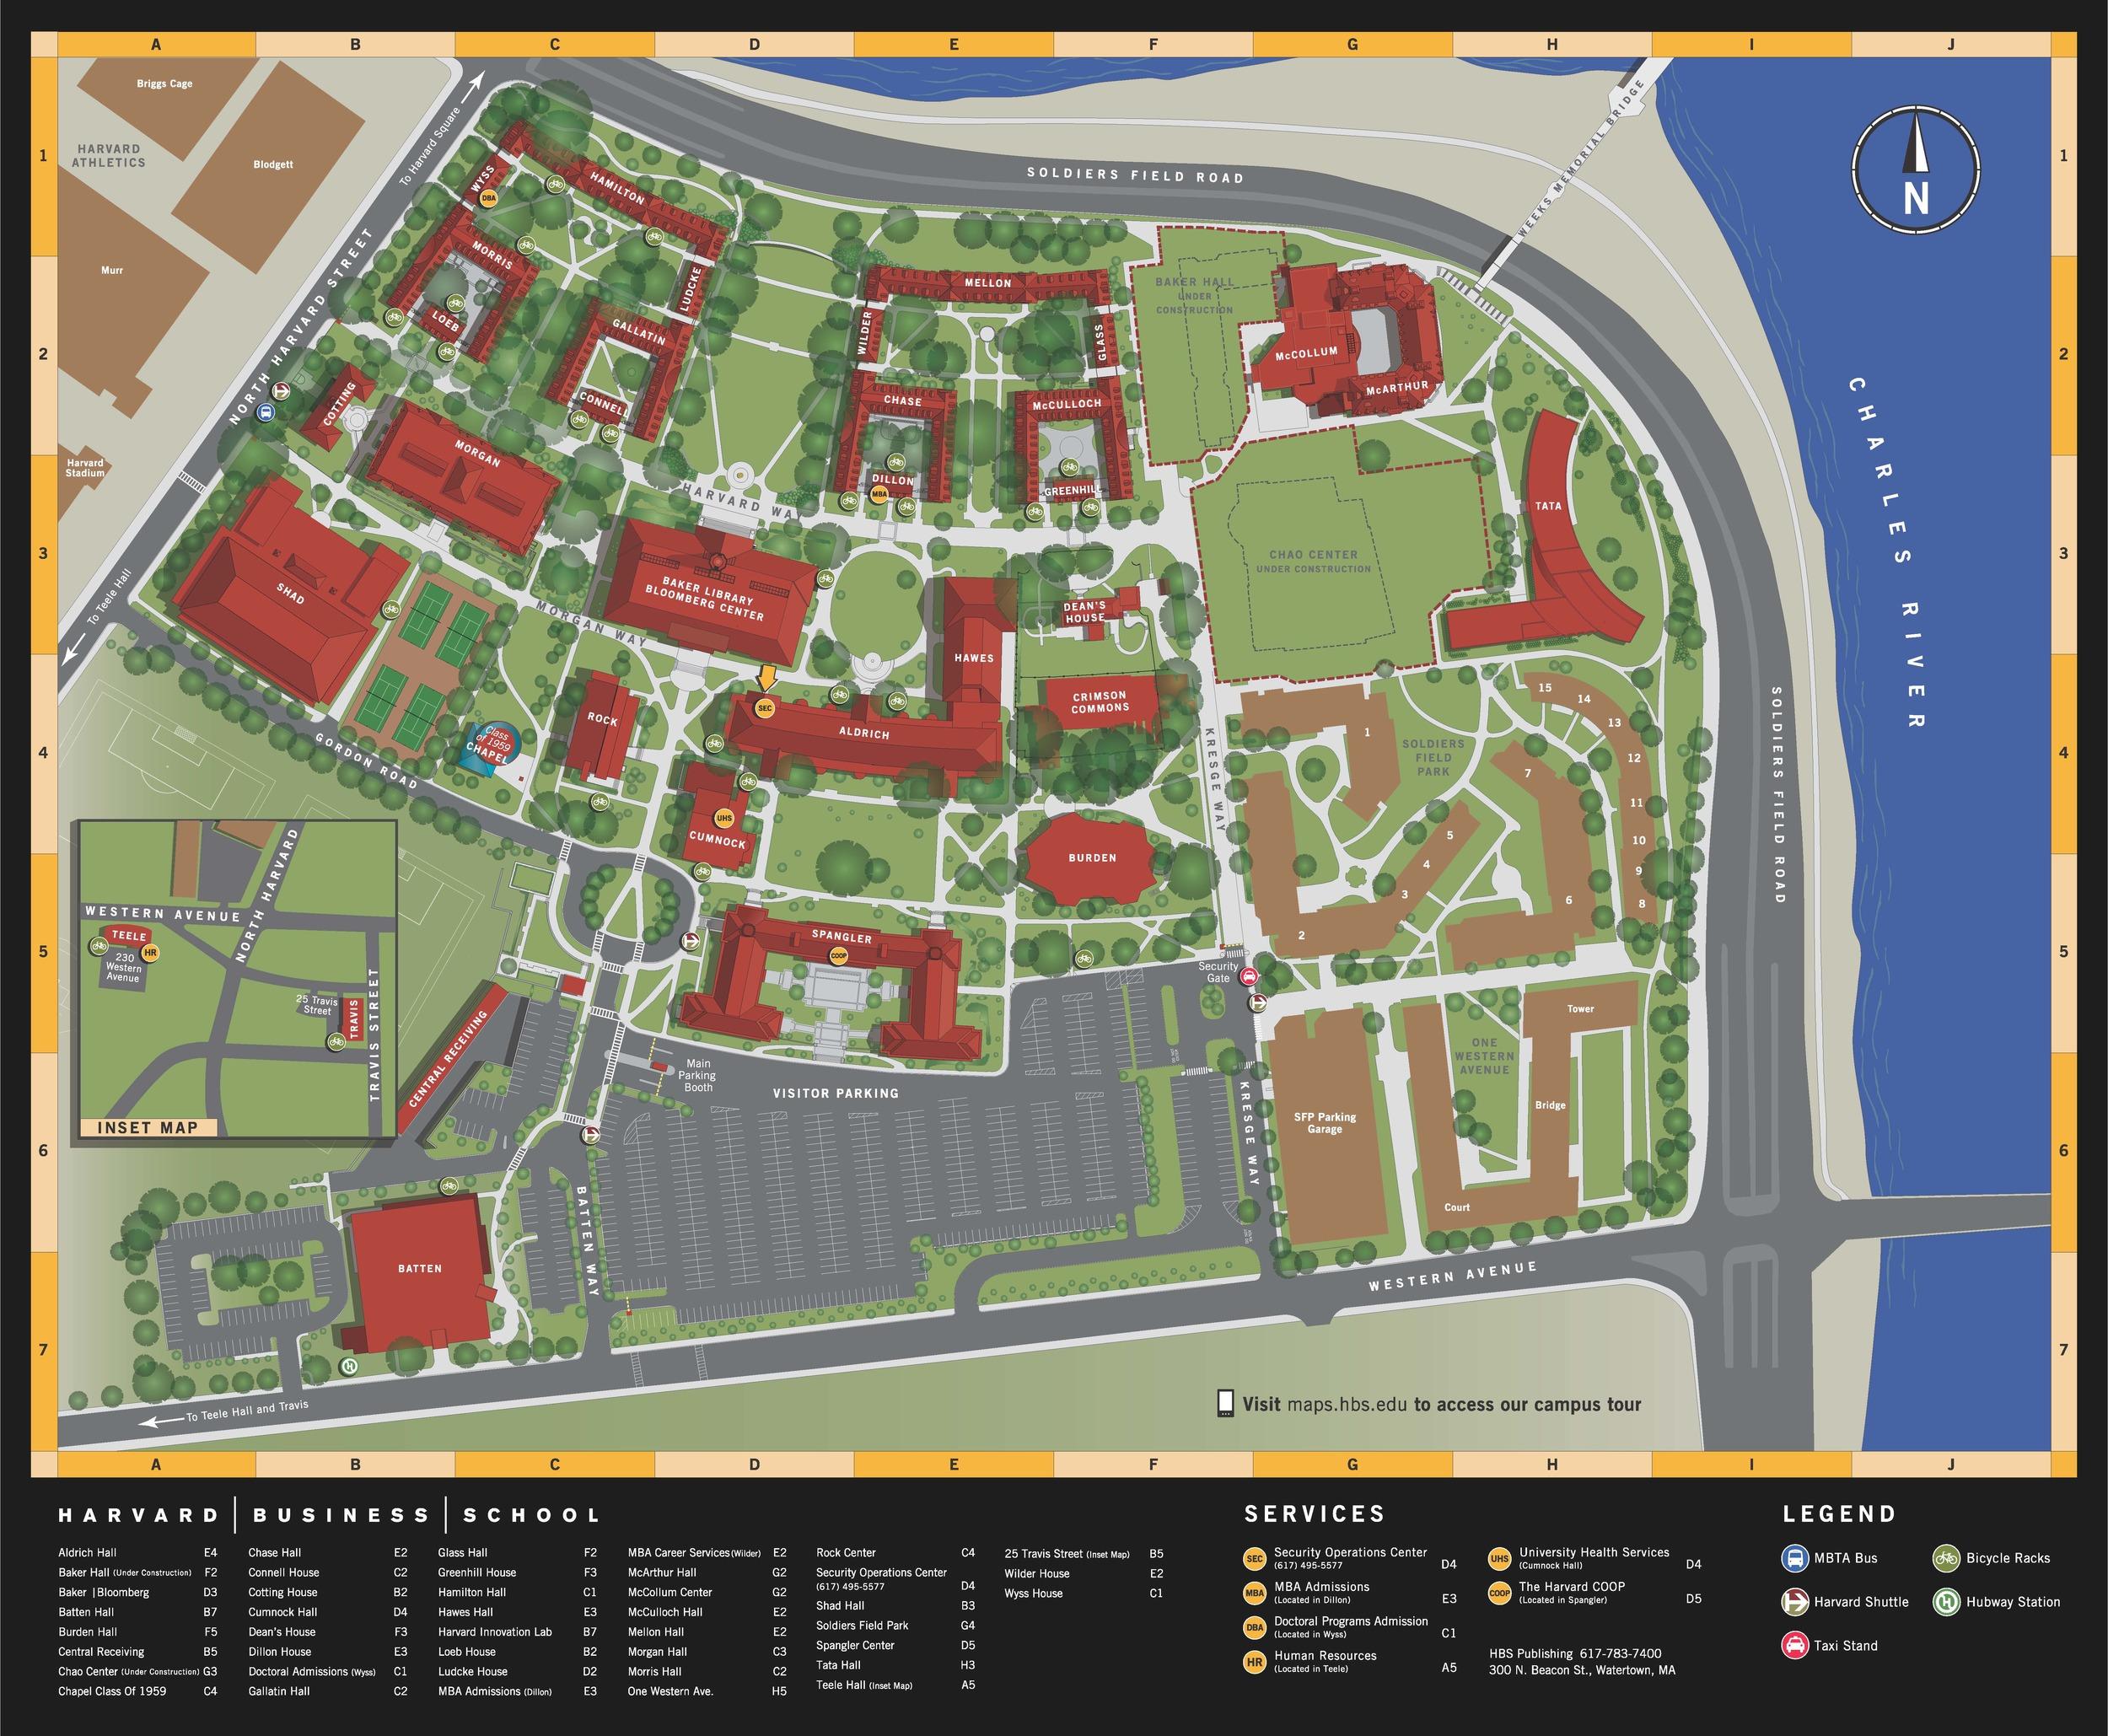 14-03-12 HBS_Campus_Map.jpg